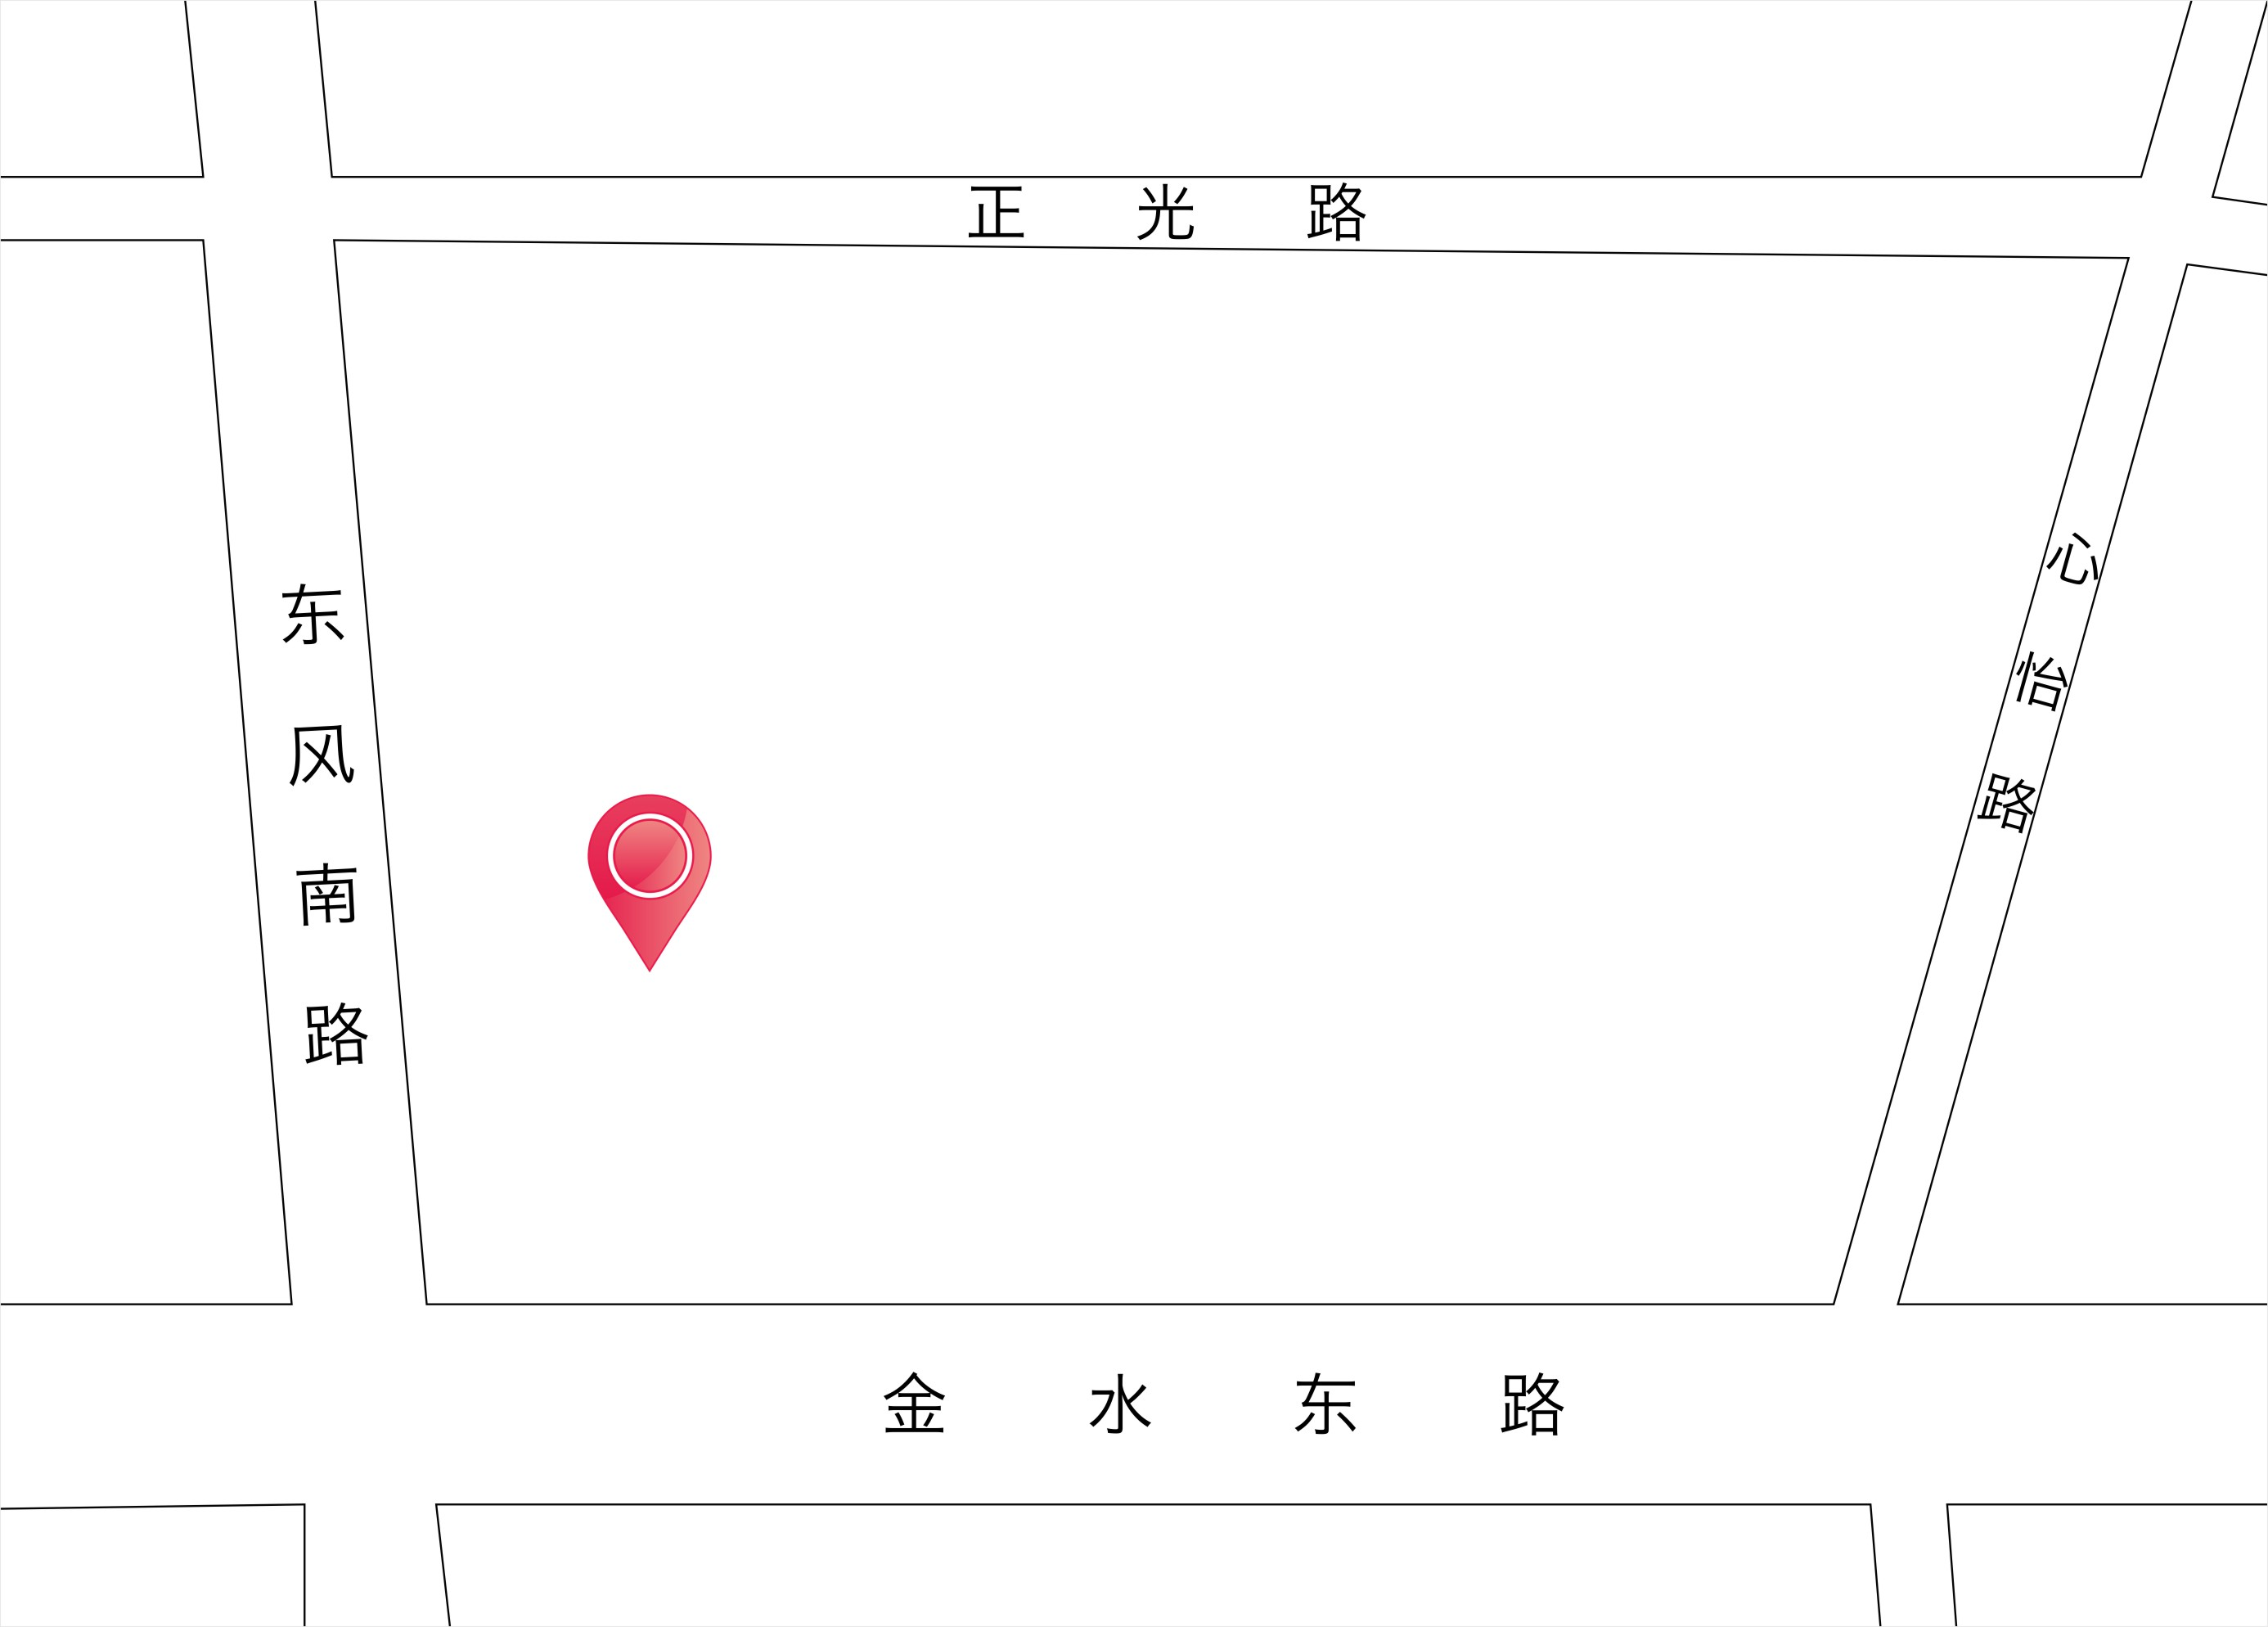 微信公司地图.cdr_0003.JPG